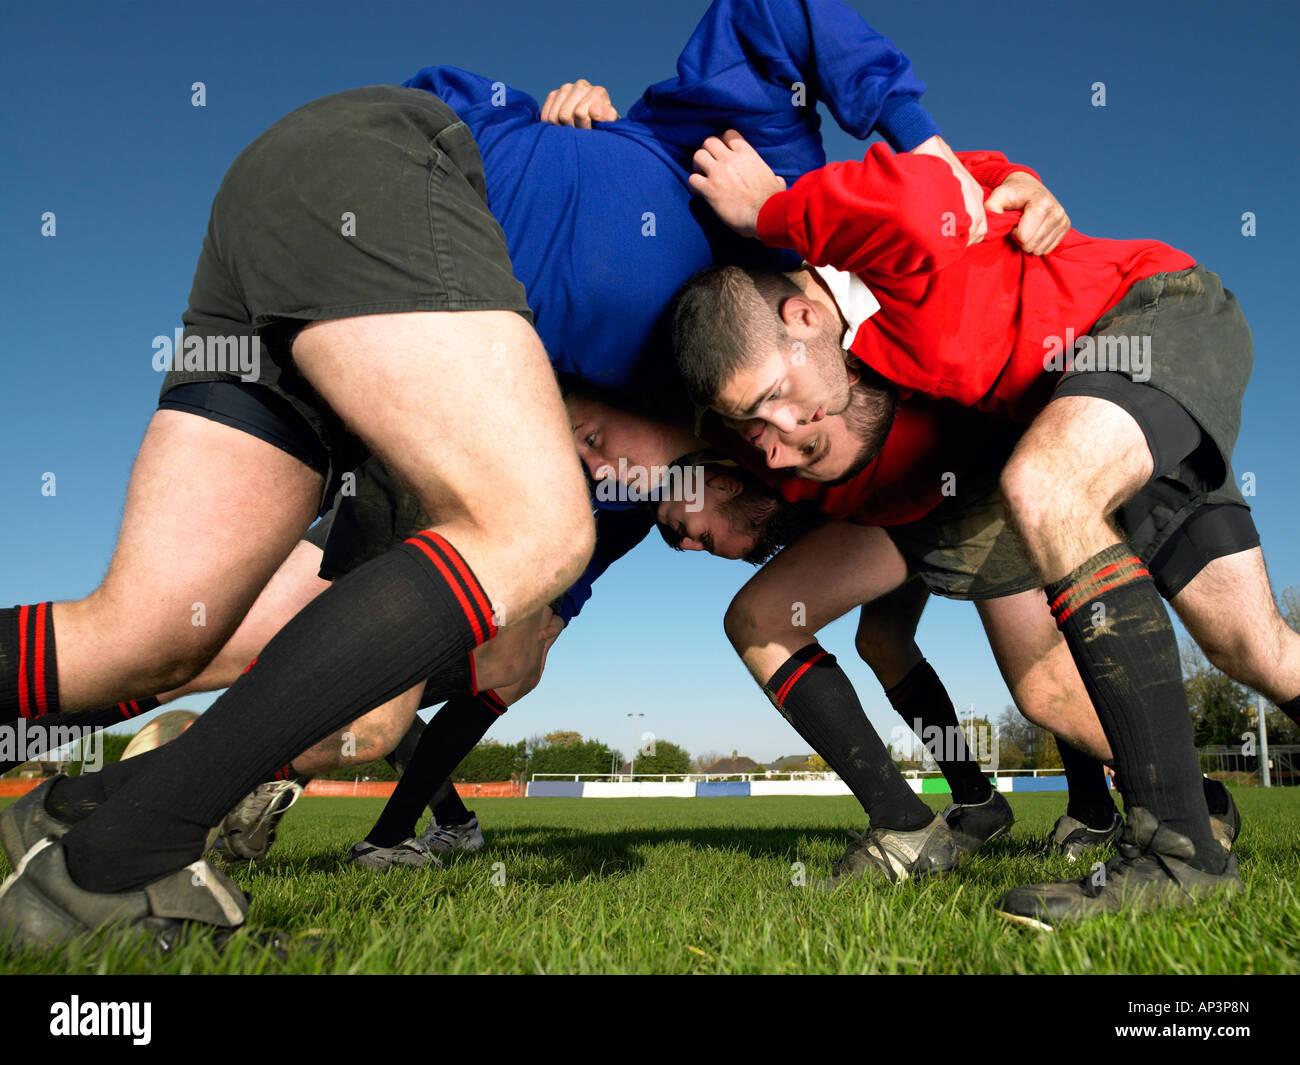 Les joueurs dans une mêlée de Rugby Photo Stock